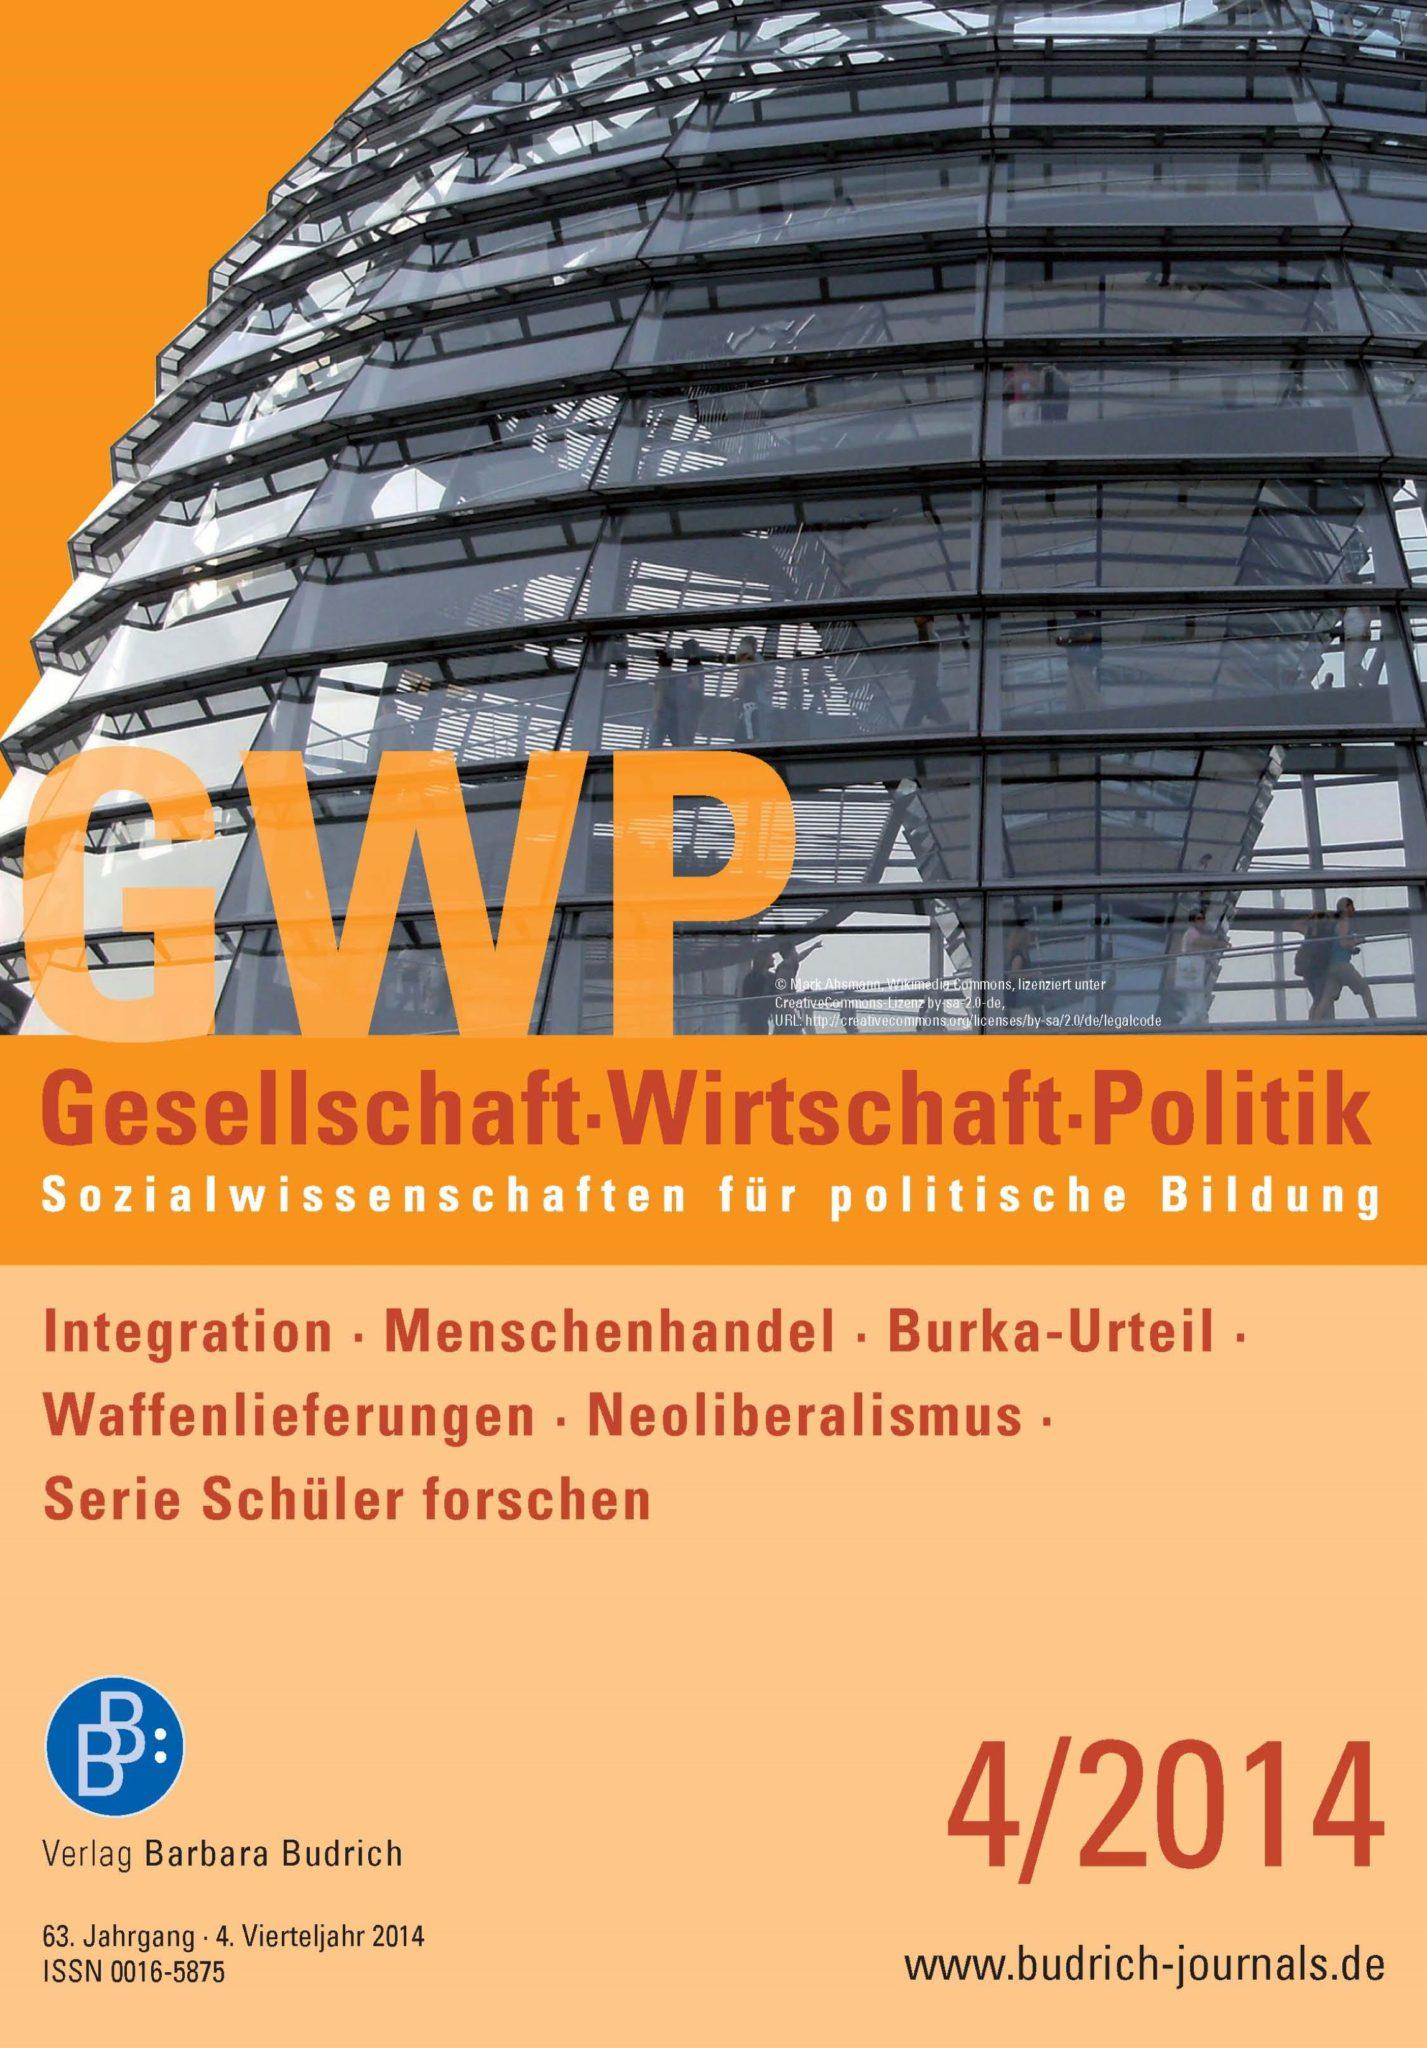 GWP – Gesellschaft. Wirtschaft. Politik 4-2014: Freie Beiträge